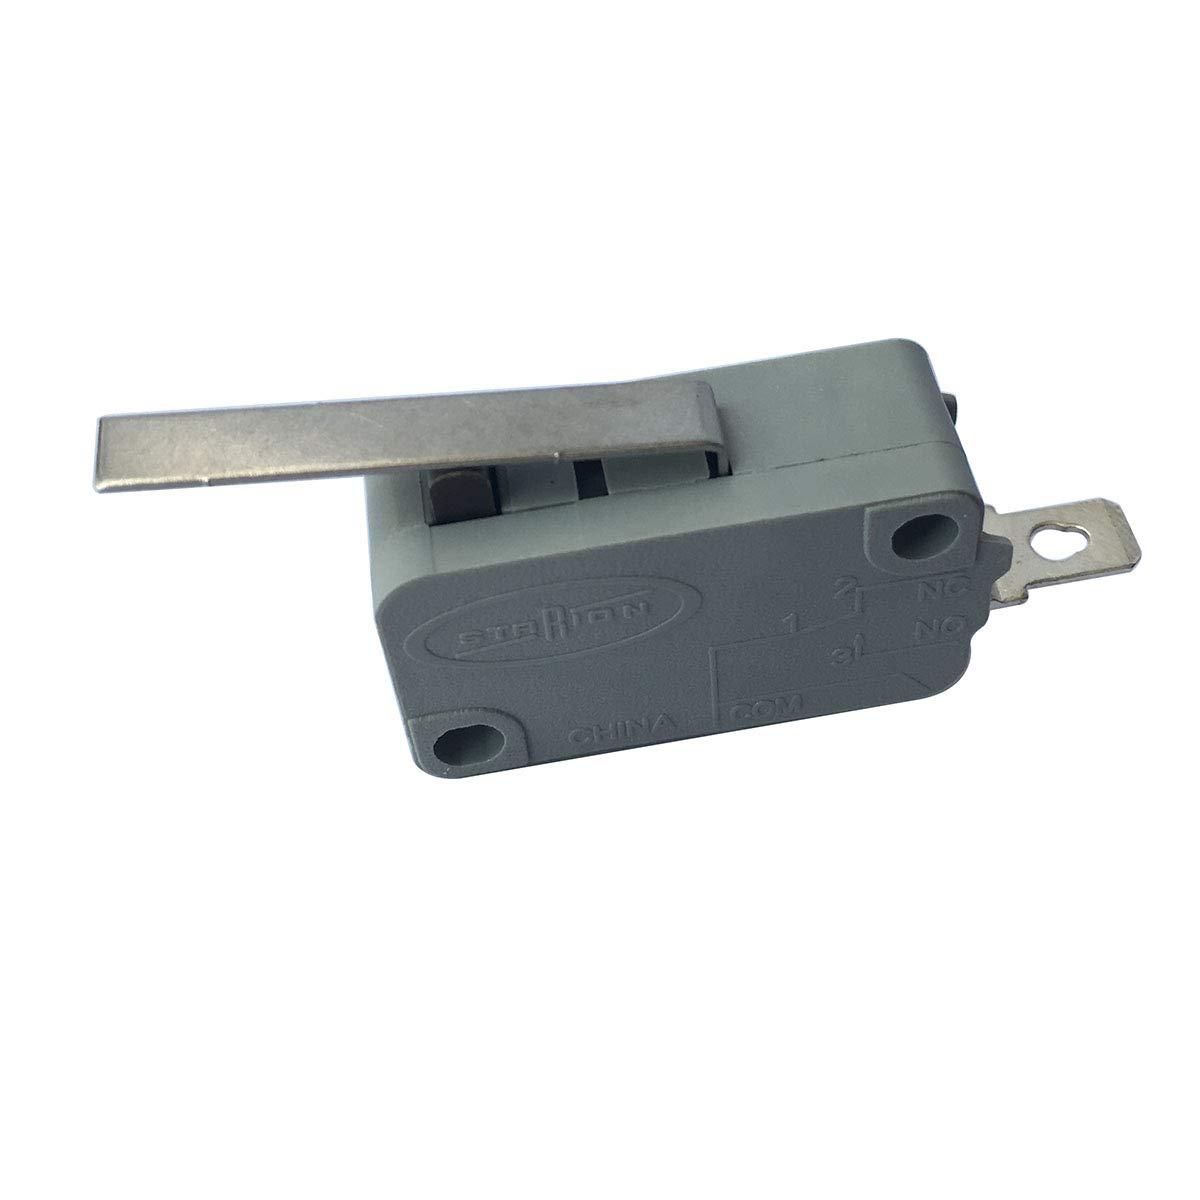 Amazon.com: LONYE 6600JB3001C Interruptor dispensador de ...